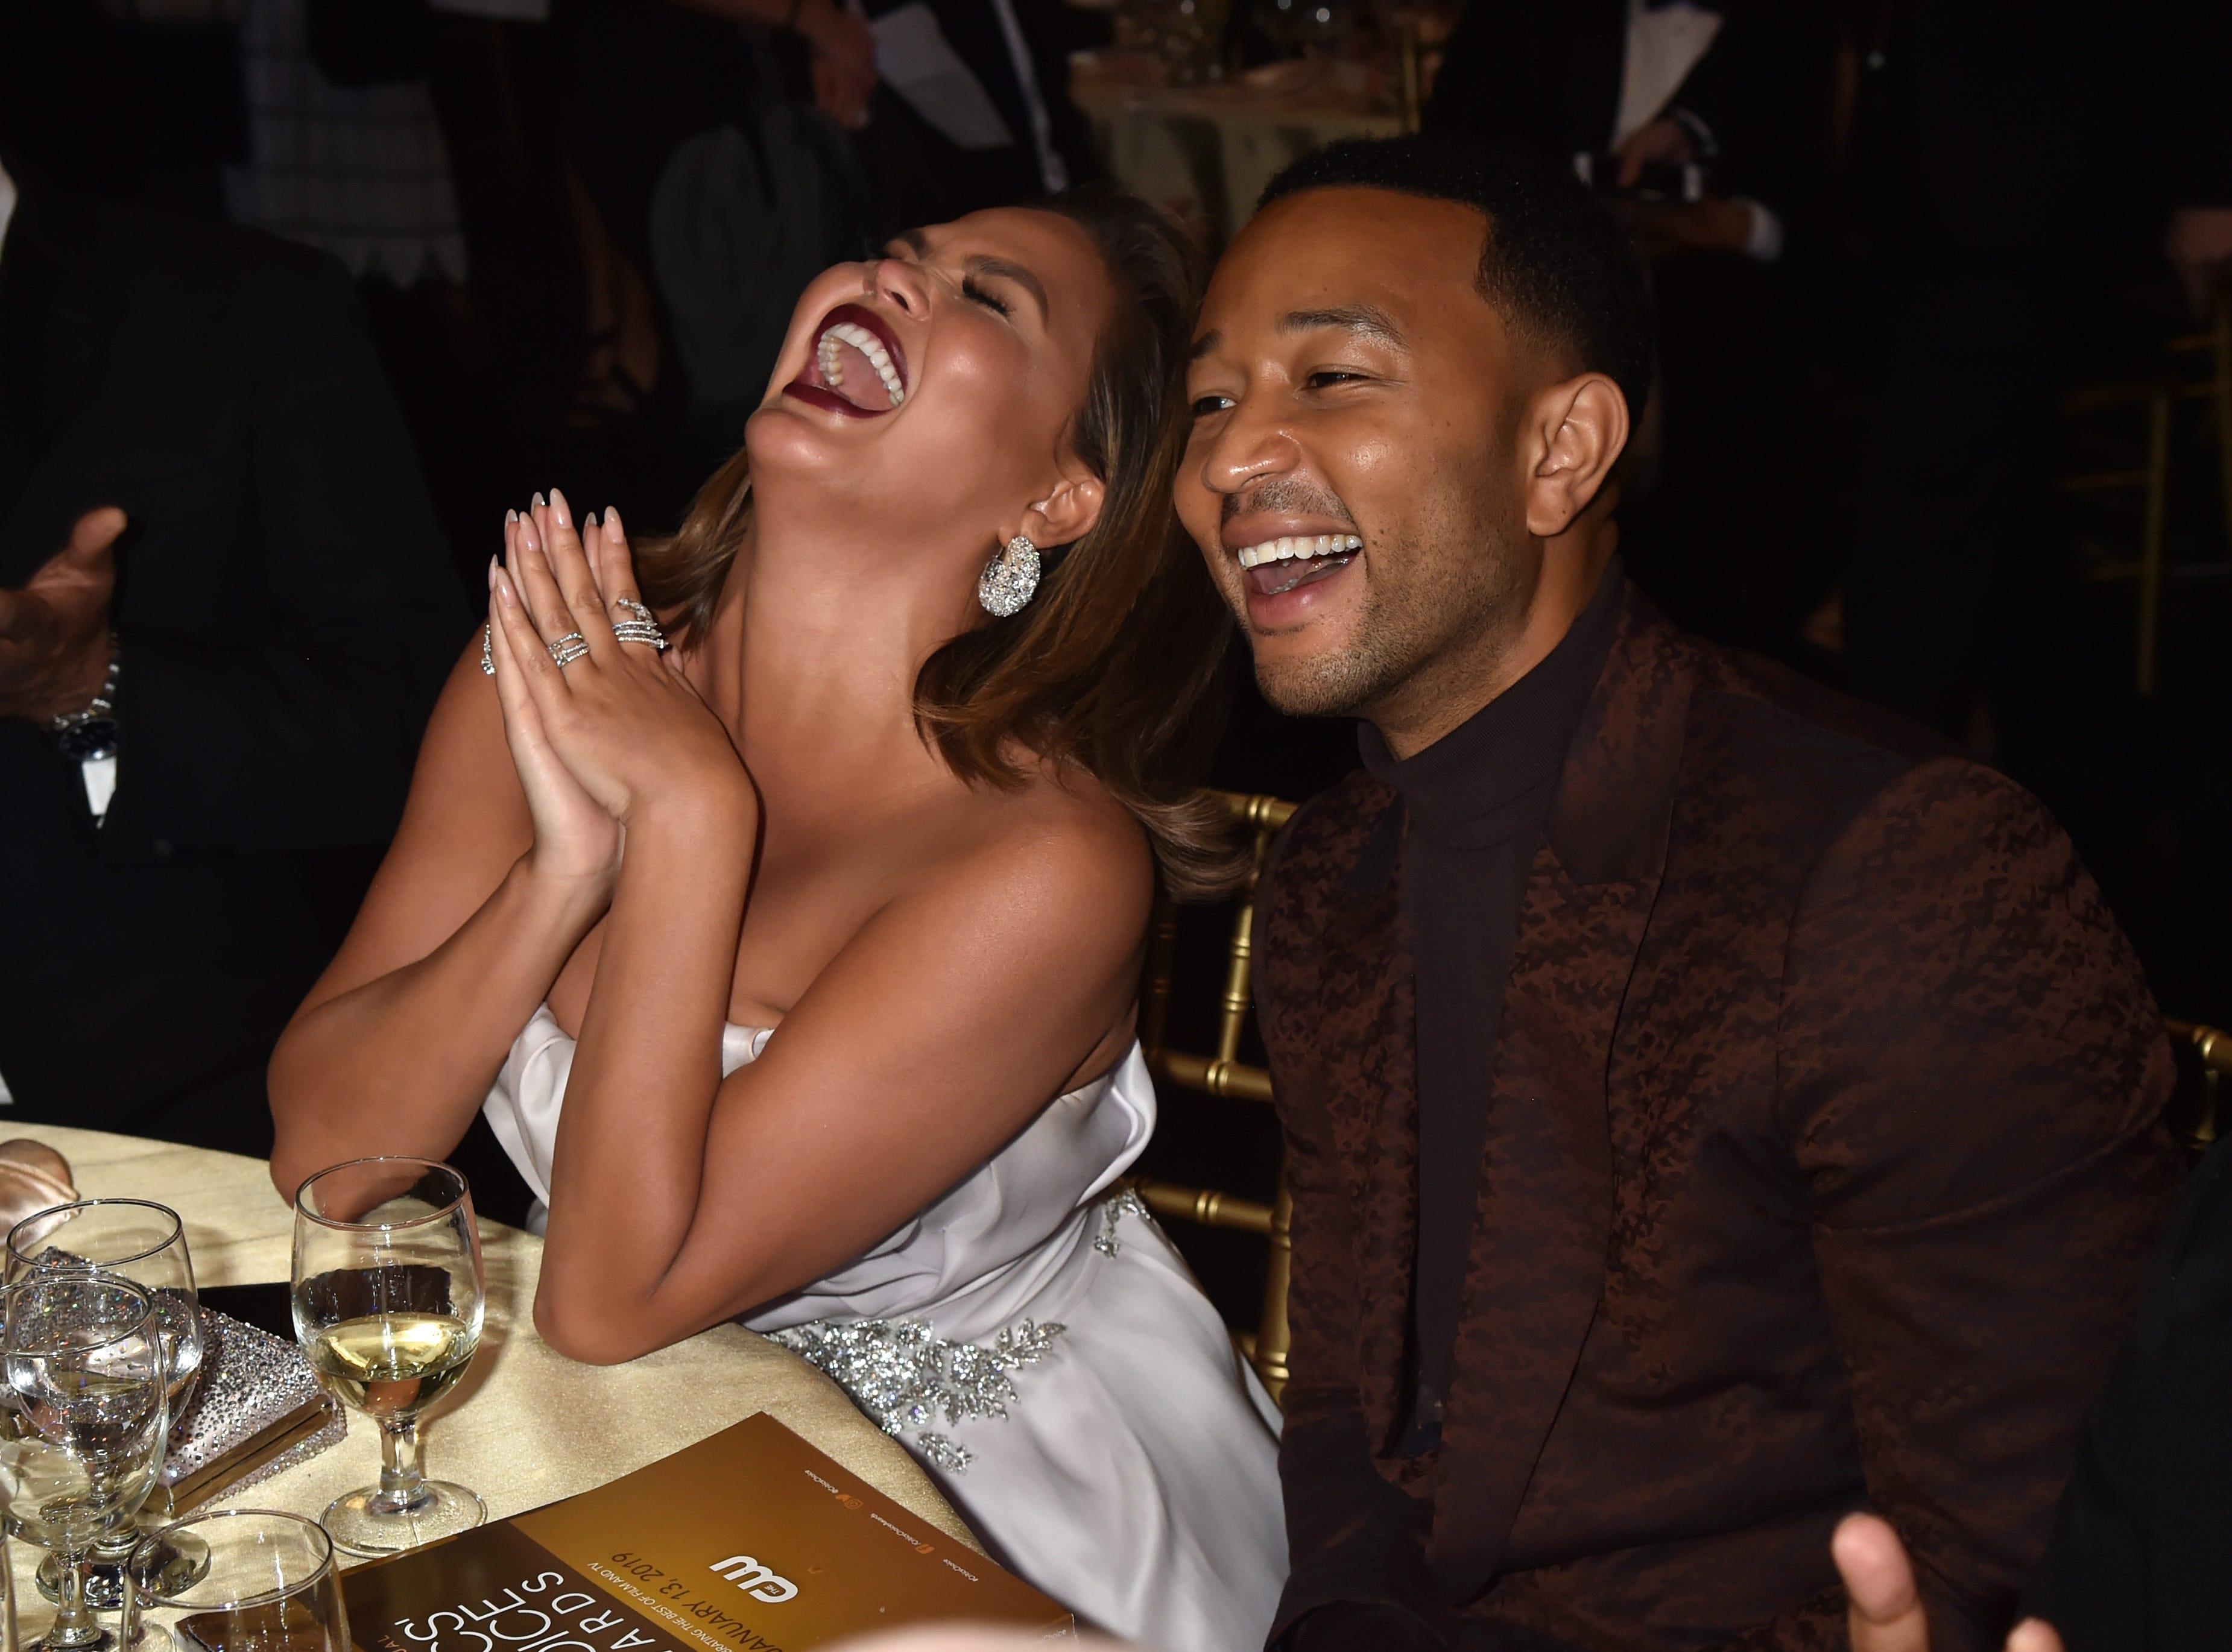 Chrissy Teigen John Legend Had Huge Fight At Kim And Kanye S Wedding